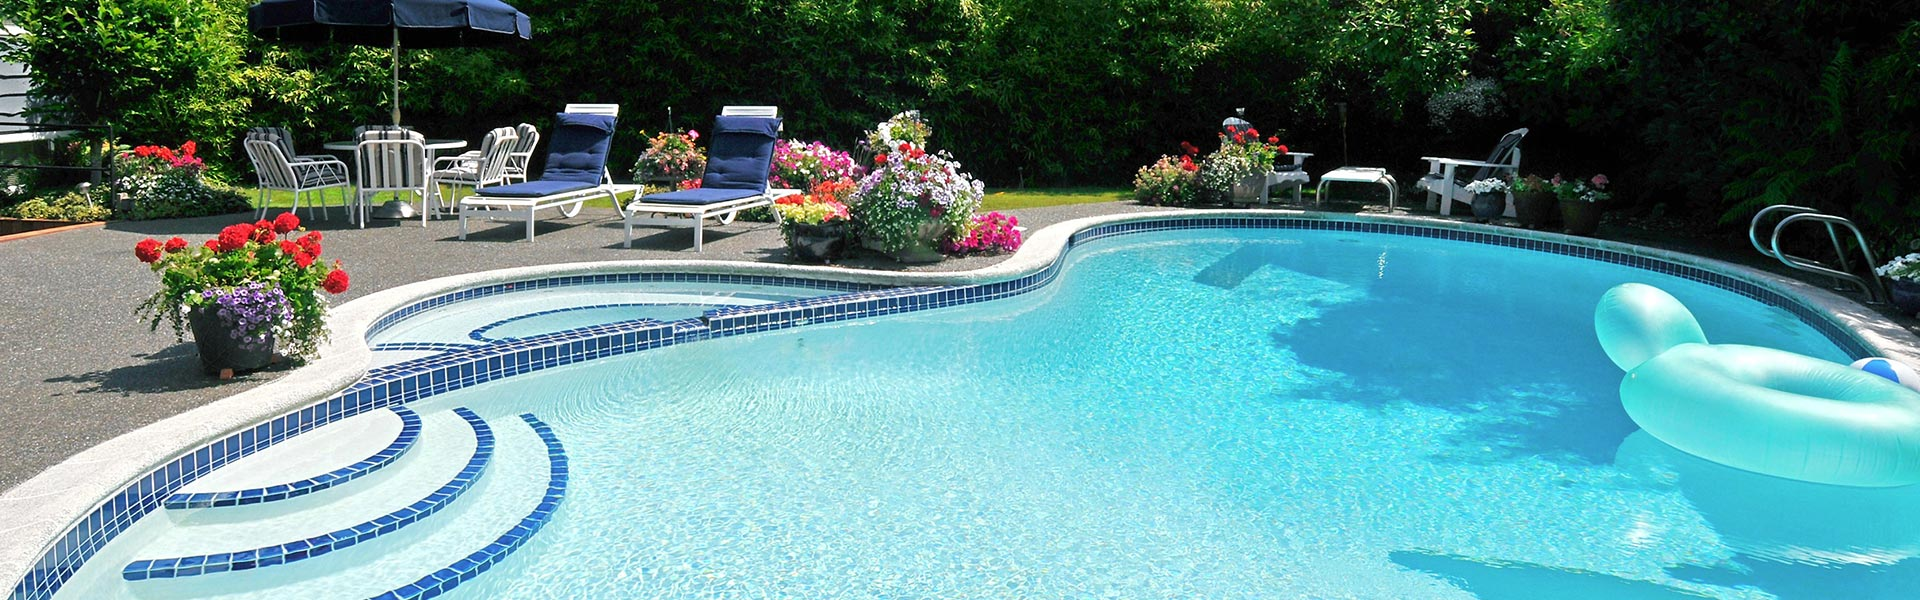 Mermaid Pools And Spas Inc Glenside Pool Repair Pa 19038 Glenside Pool Construction Pa 19038 72